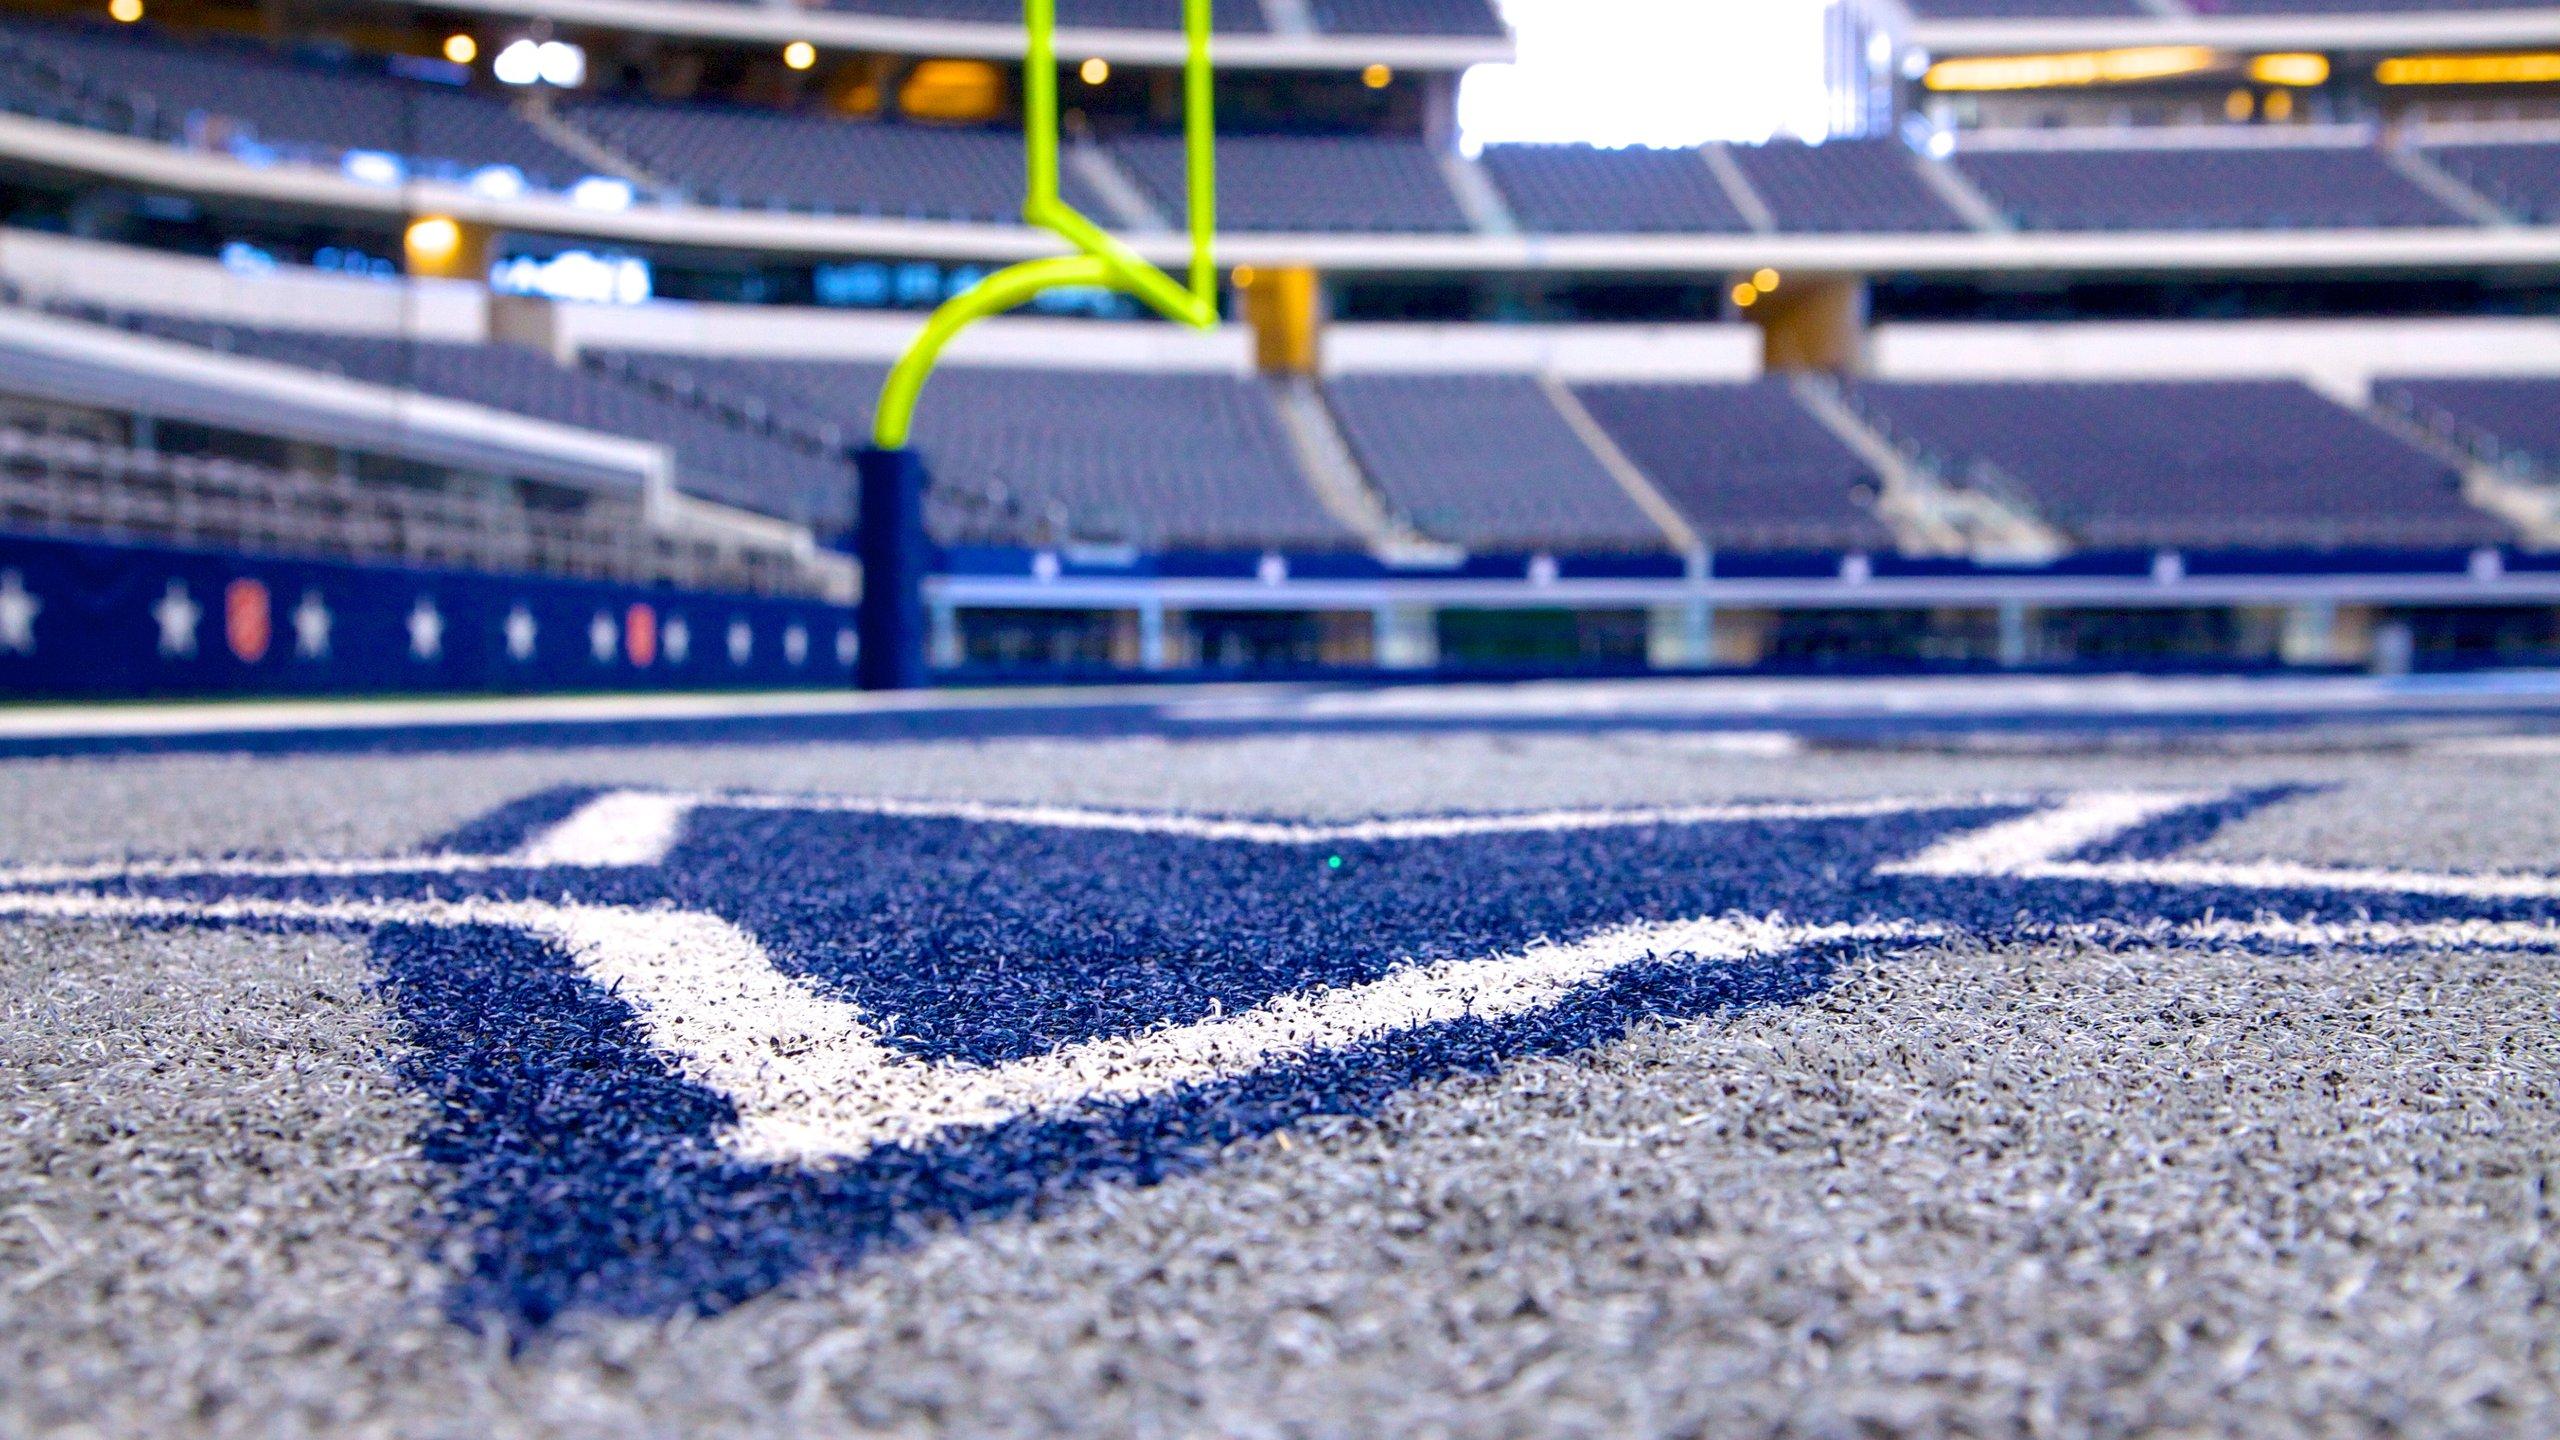 Lassen Sie sich von der packenden Stimmung im AT&T Stadium mitreißen, wenn Sie in diesem Football-Stadion, das zu den größten in den USA gehört, ein spannendes Heimspiel der Dallas Cowboys verfolgen.